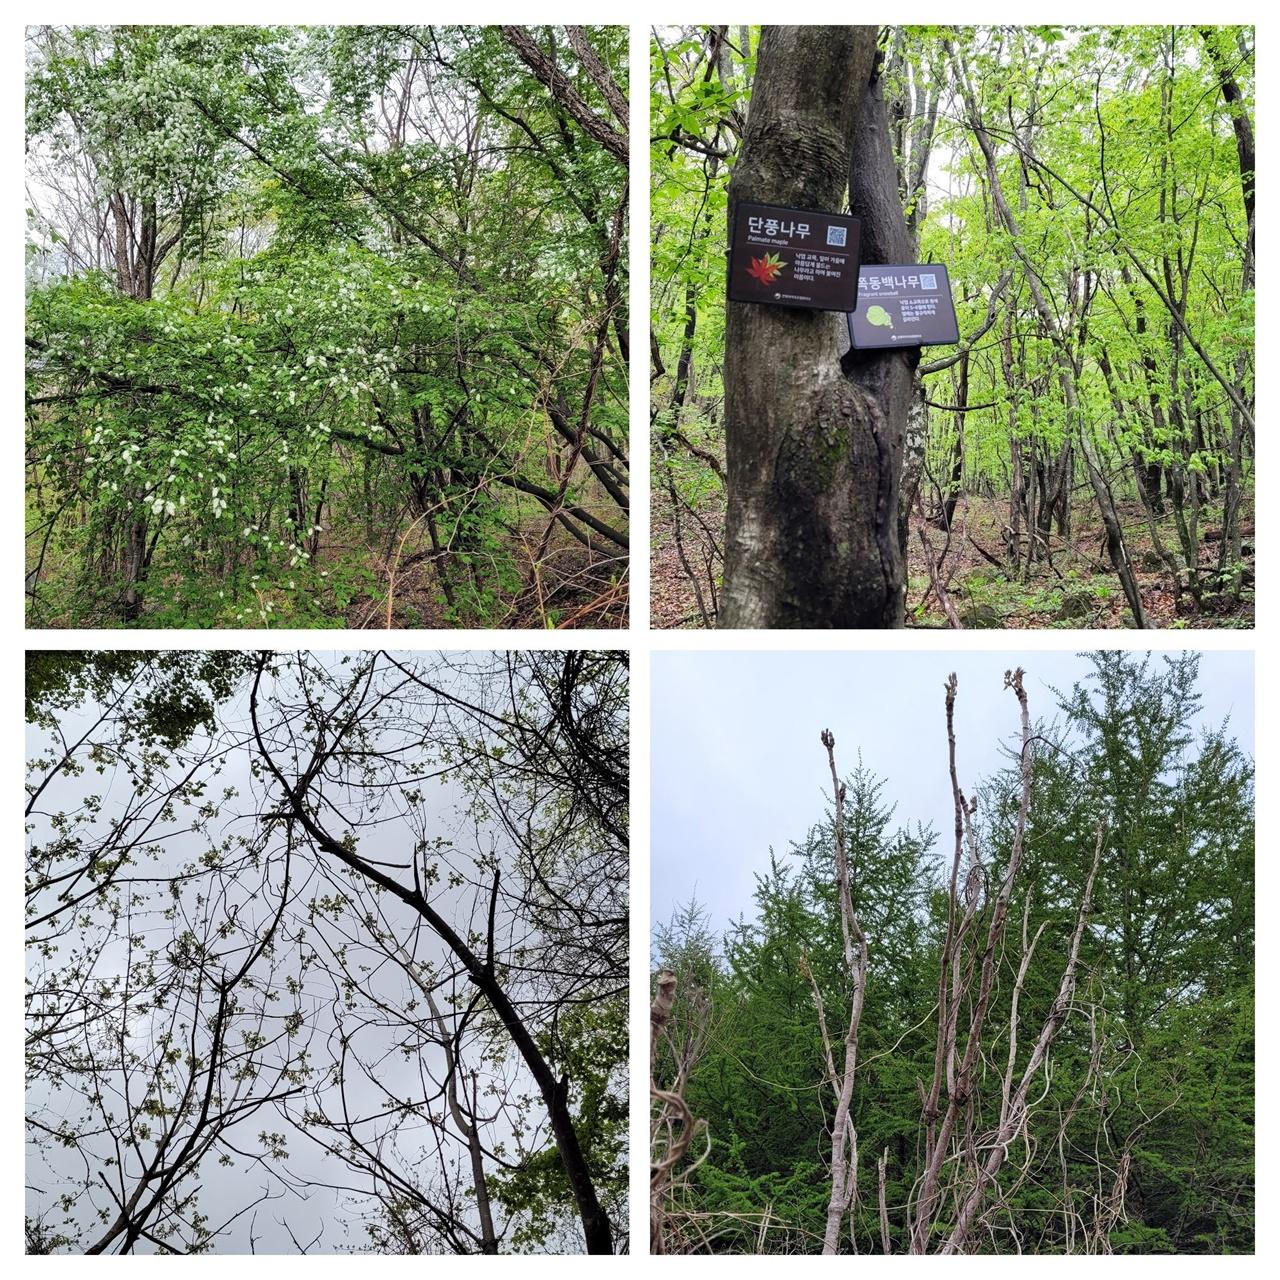 산길에서 만난 나무들 시계 방향으로 귀룽나무, 단풍나무와 쪽동백나무의 합체, 두릅나무, 가래나무